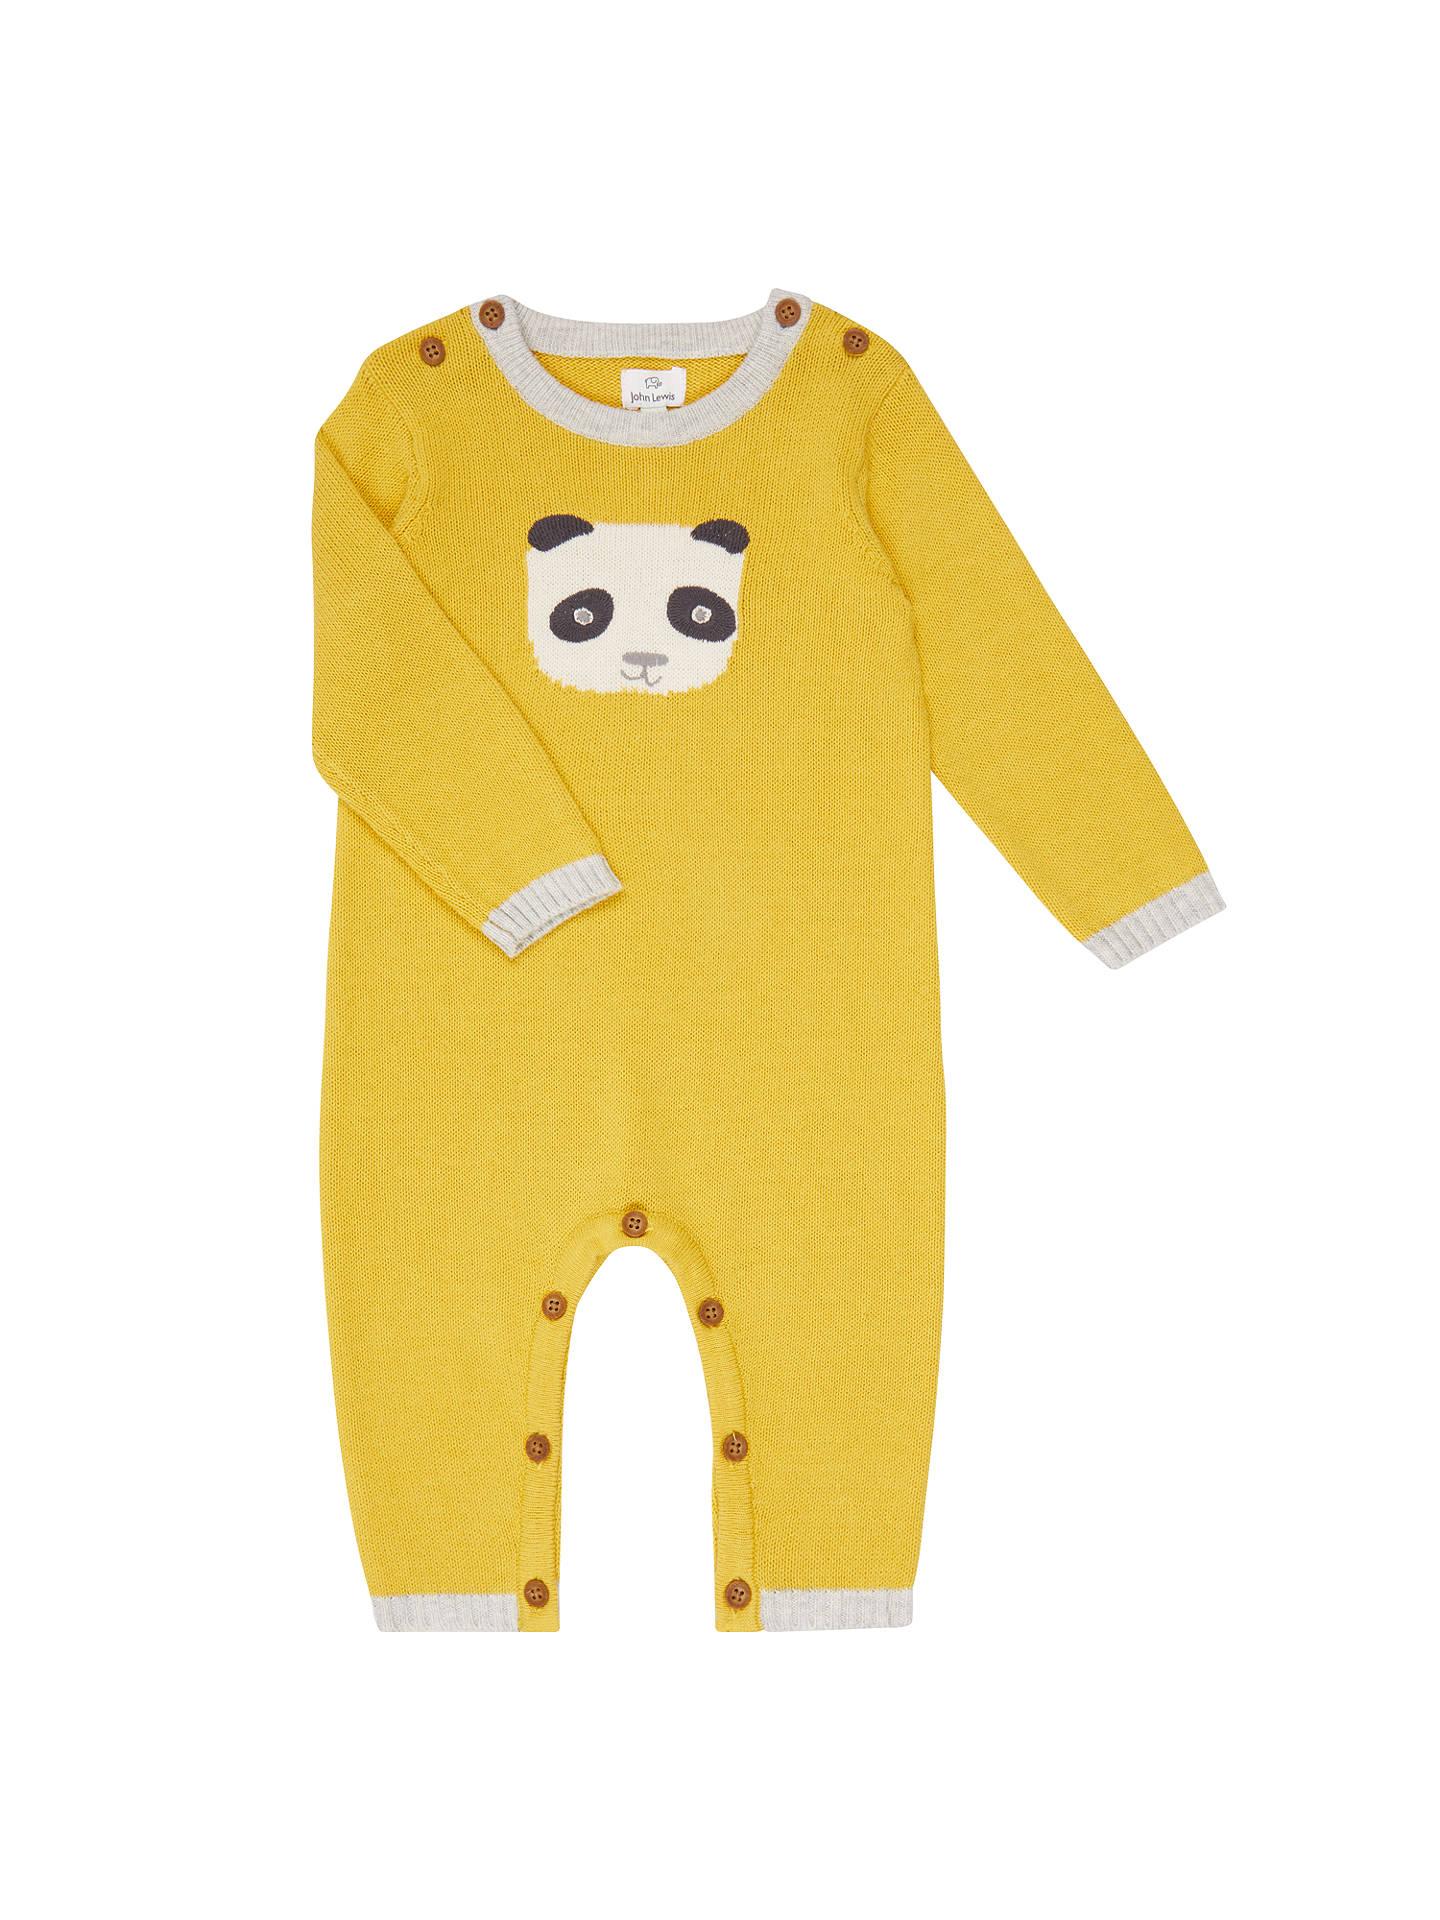 dac013fda John Lewis Baby Footless Knitted Panda Romper